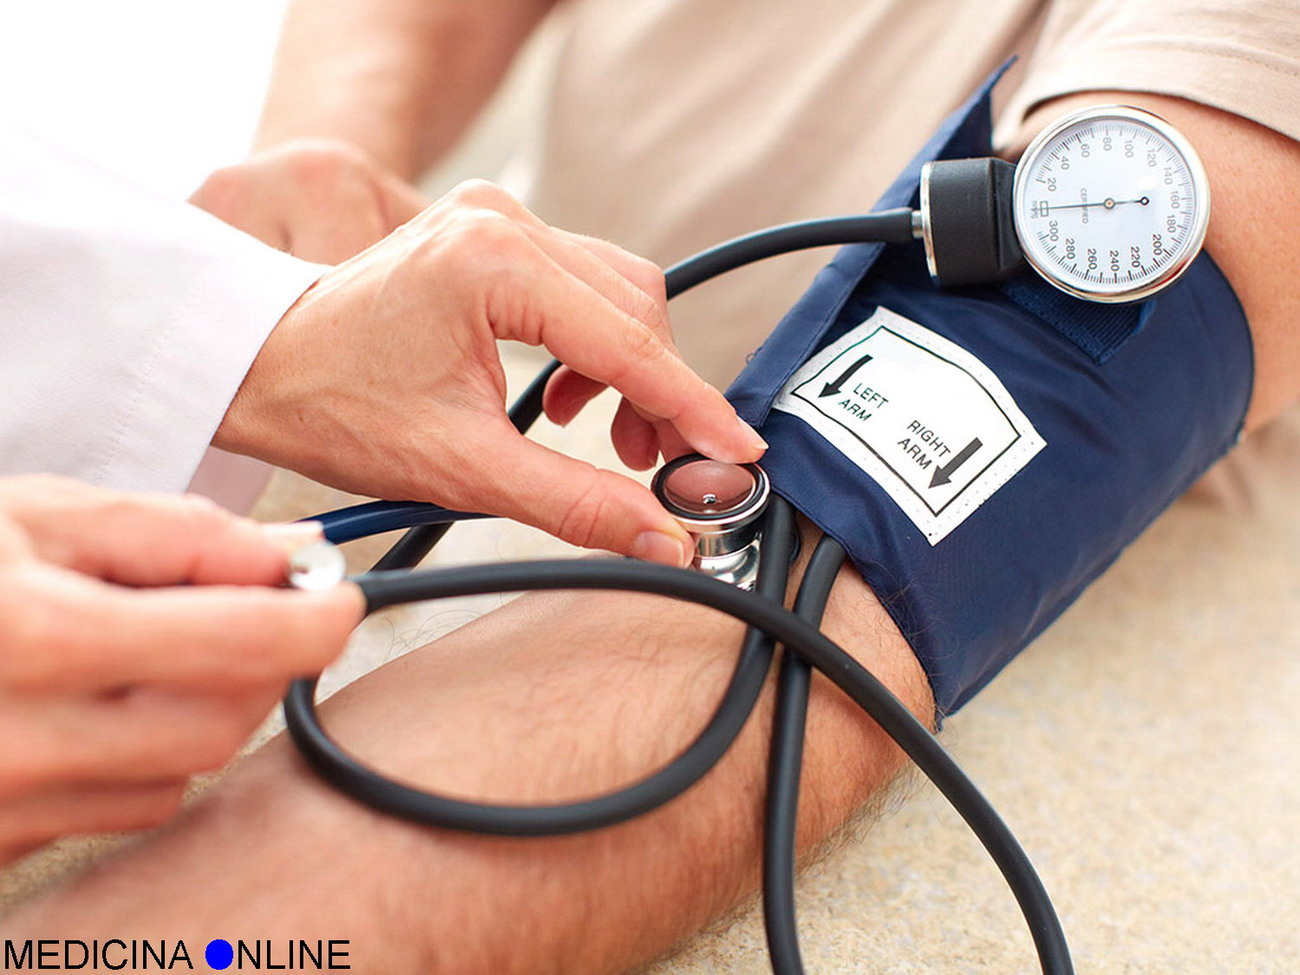 Demis karibidis Papazol - Alta pressione sanguigna nei primi mesi di gravidanza